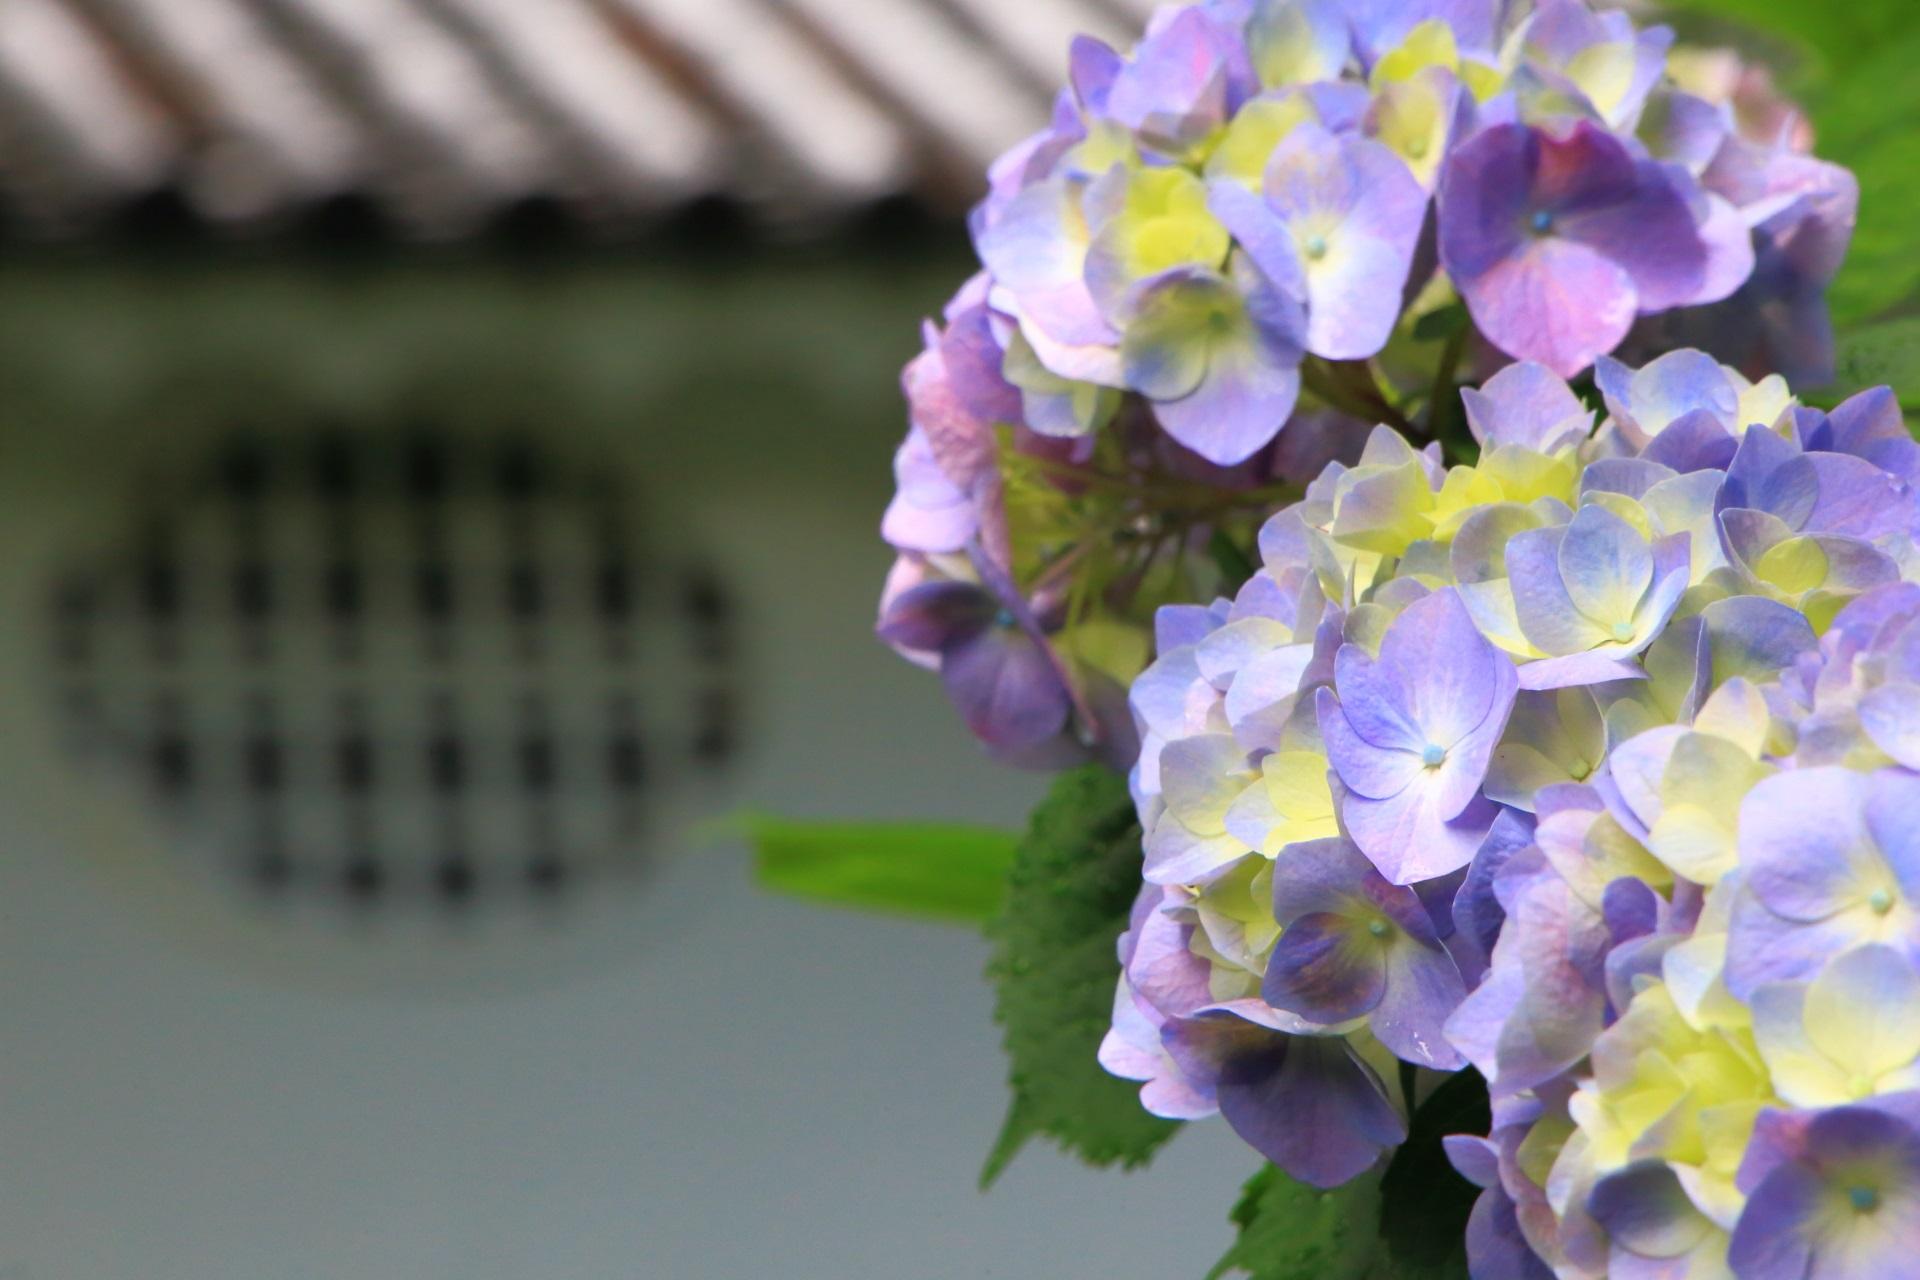 華やかな薄紫色の紫陽花と宝蔵の窓